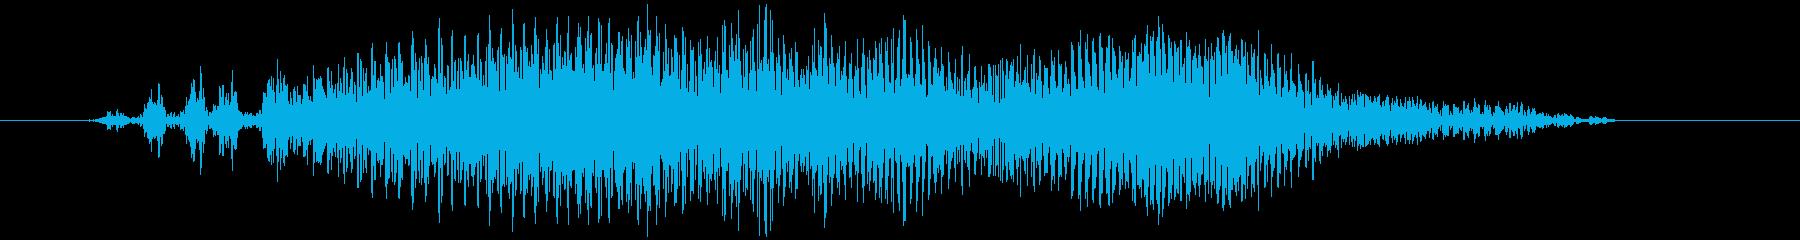 チャック、ジッパー(開閉音) ジィゥッの再生済みの波形